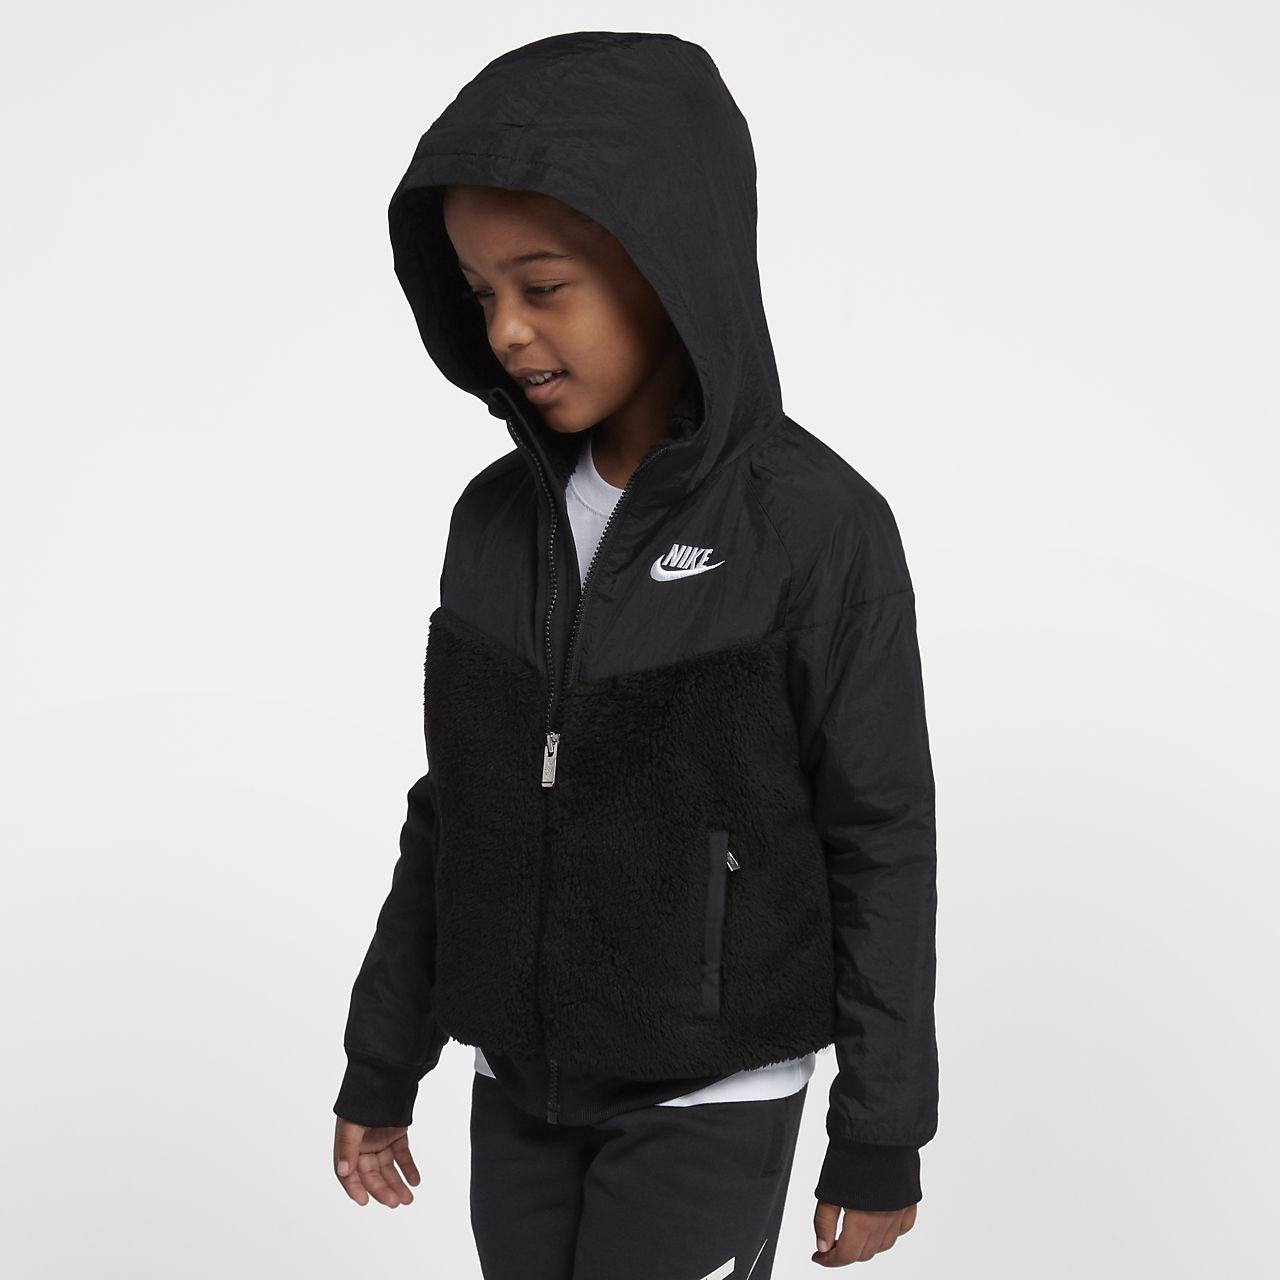 De Niñoa Windrunner Pequeñoa Sportswear Nike Sherpa Chaqueta qztxPa